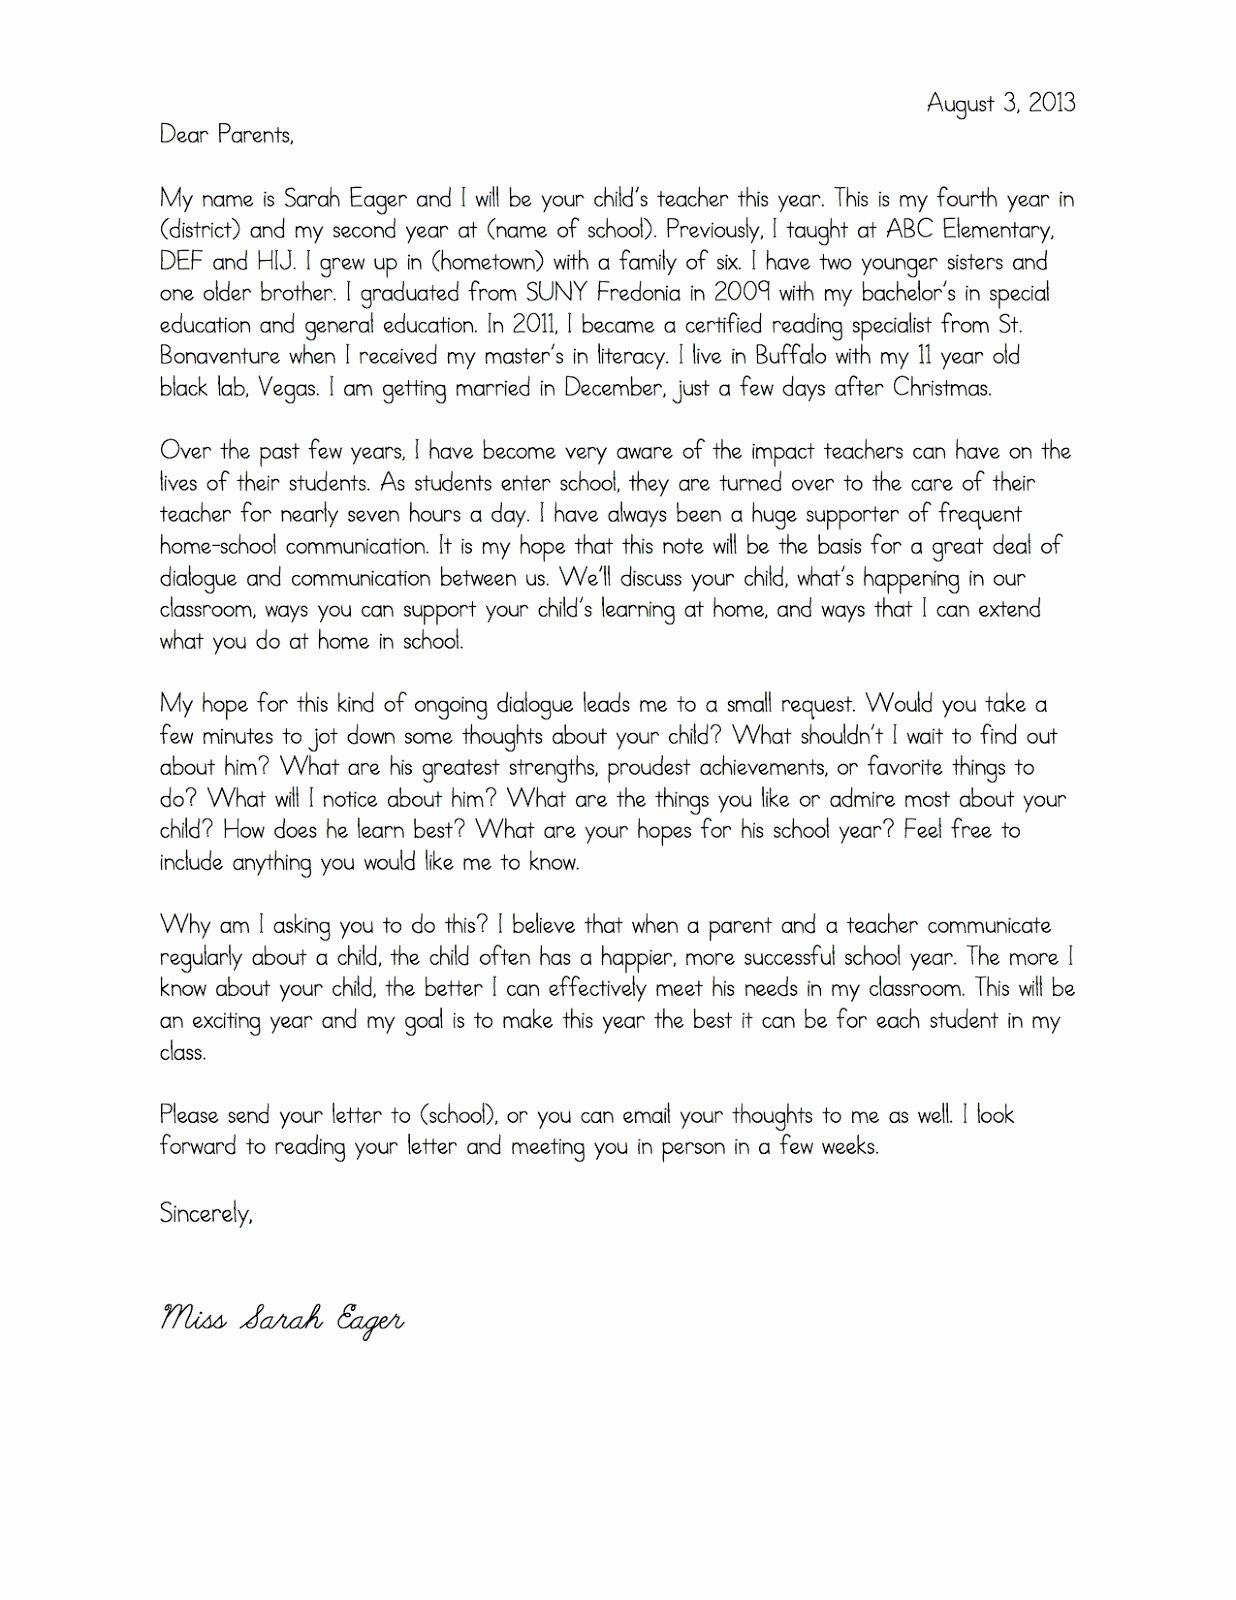 Letter to Parents Template Unique Preschool Wel E Letter to Parents From Teacher Template